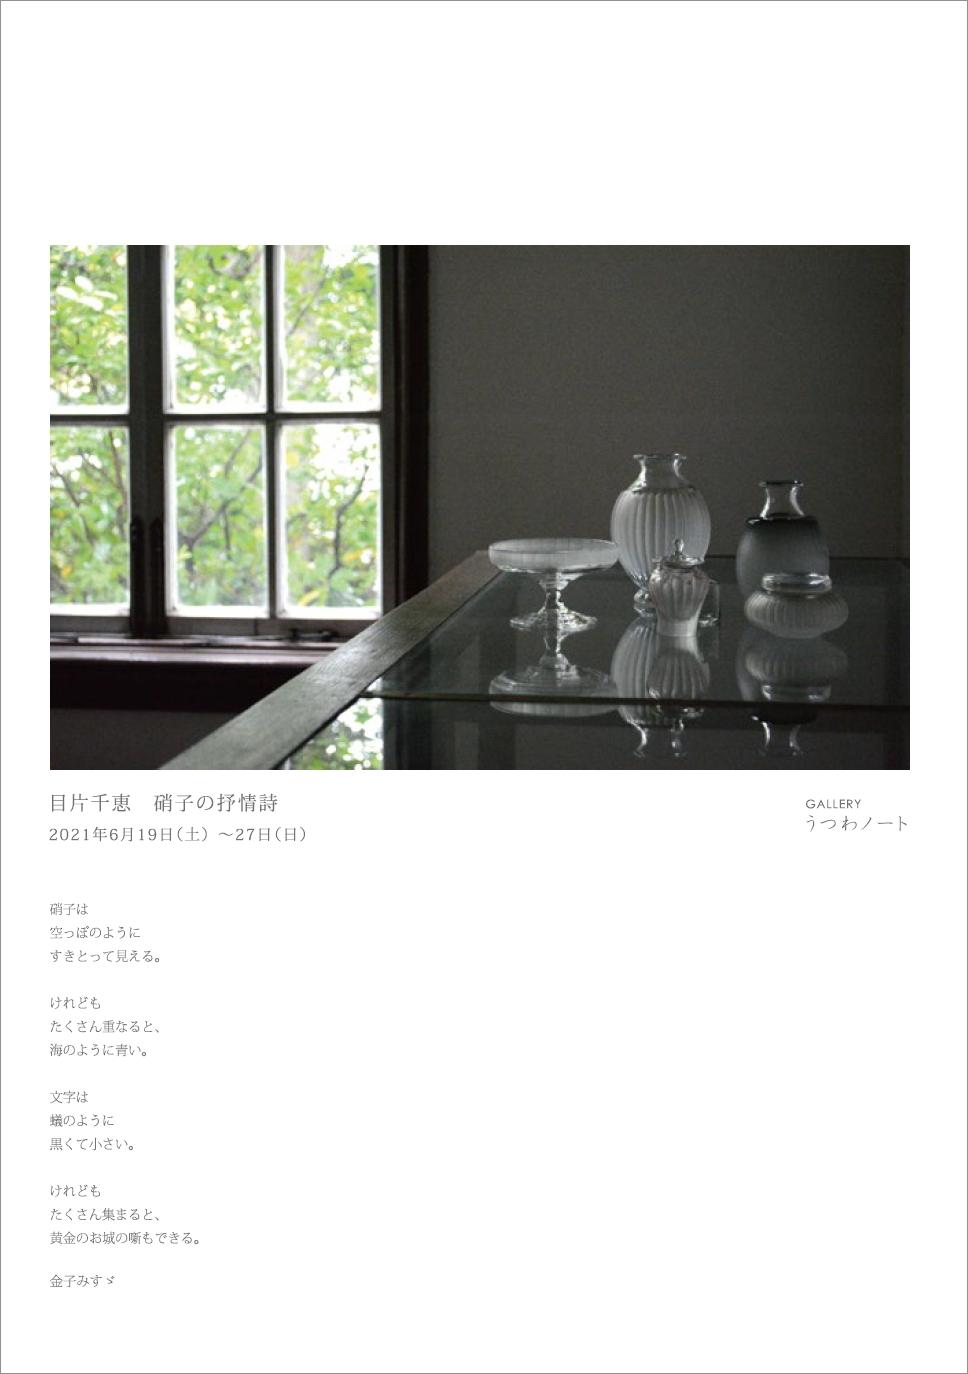 「目片千恵 硝子の抒情詩」開催のお知らせ_d0087761_17265099.jpg